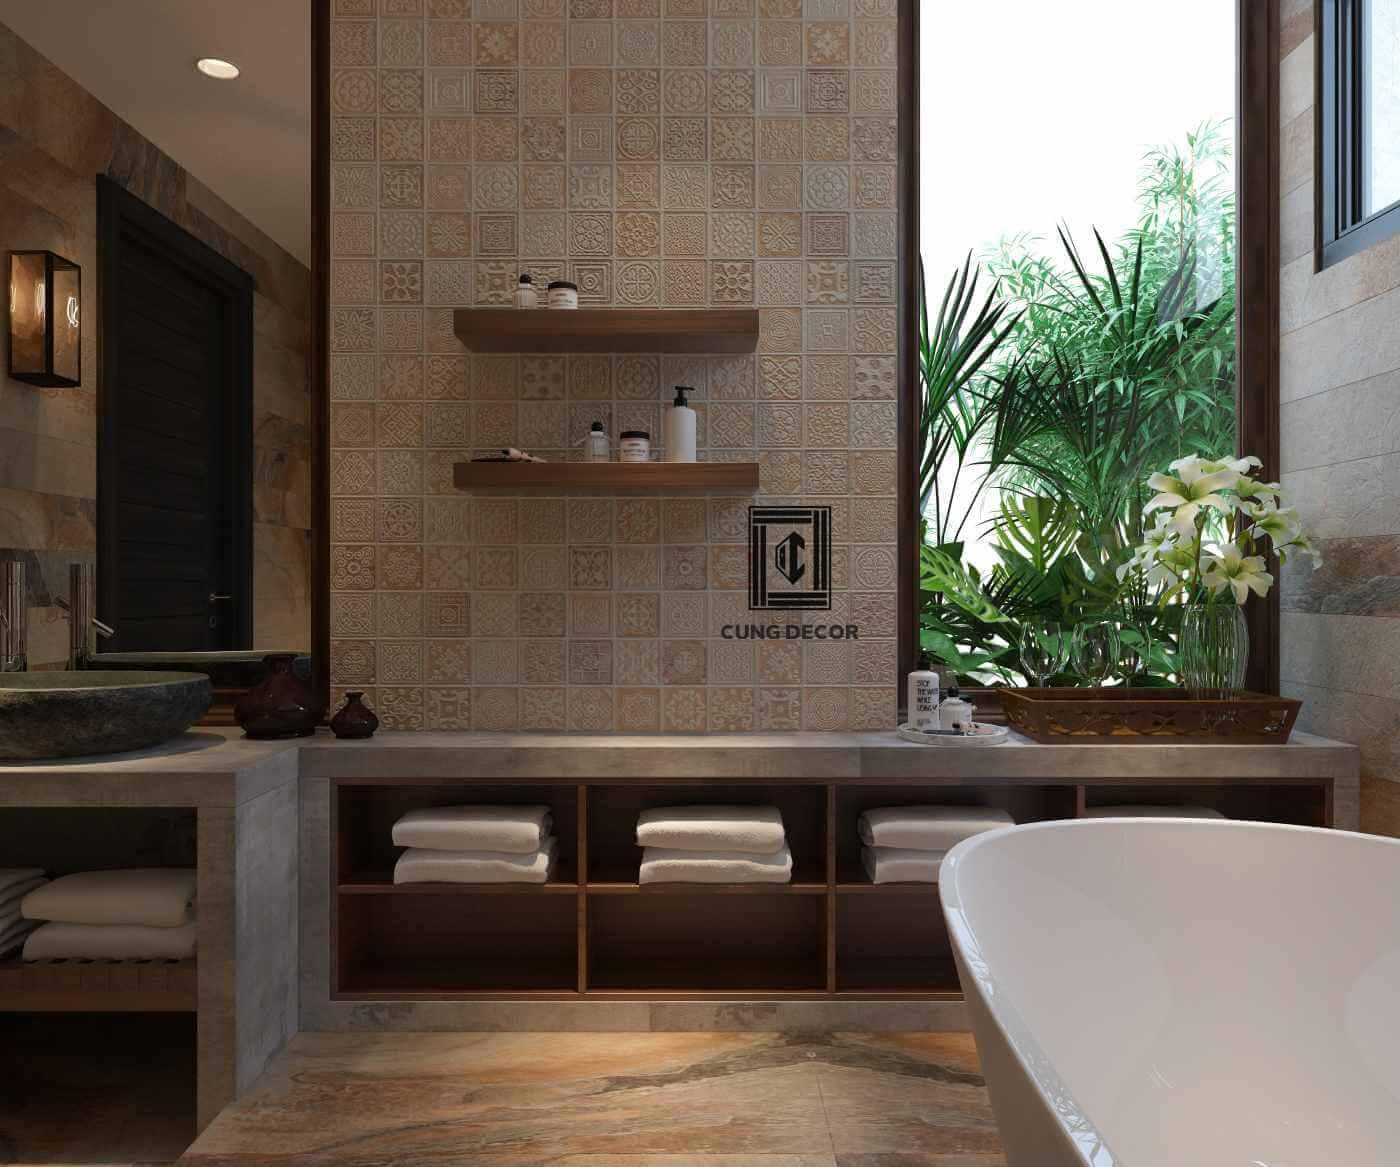 sử dụng gạch ốp lát khi thiết kế nội thất